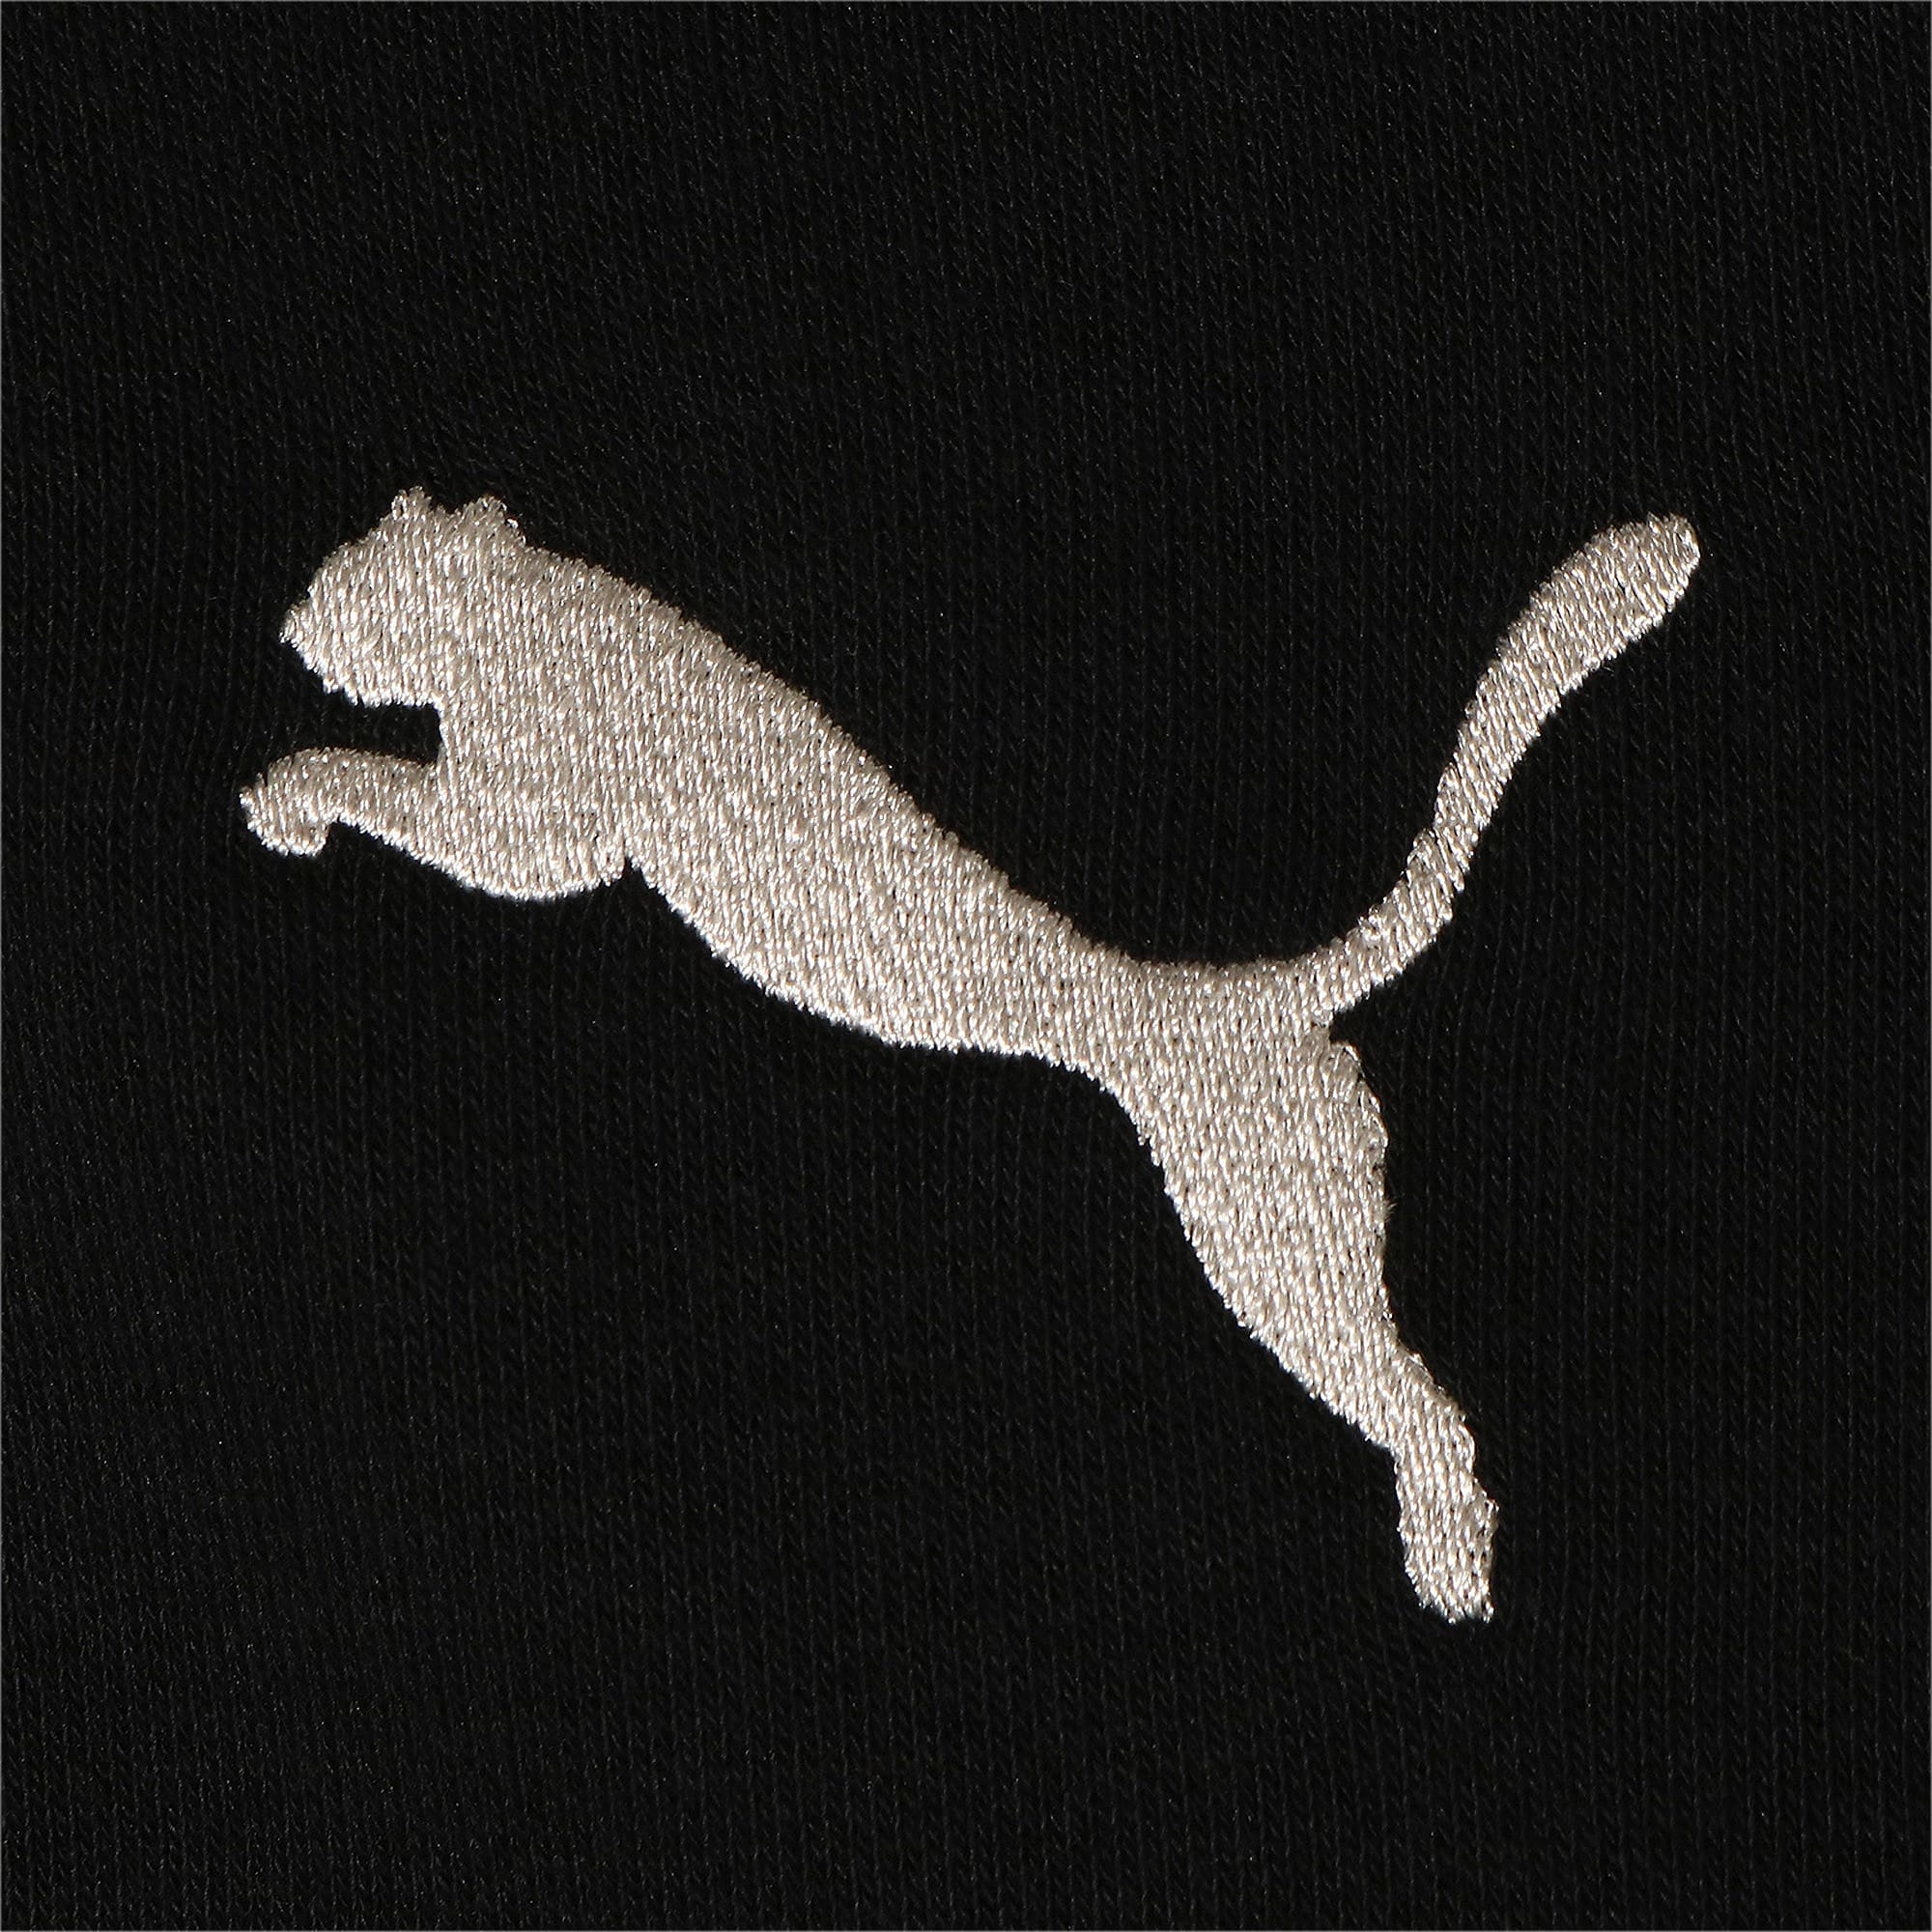 Thumbnail 4 of カップ カジュアル フーデッド ジャケット, Puma Black-whisper white, medium-JPN